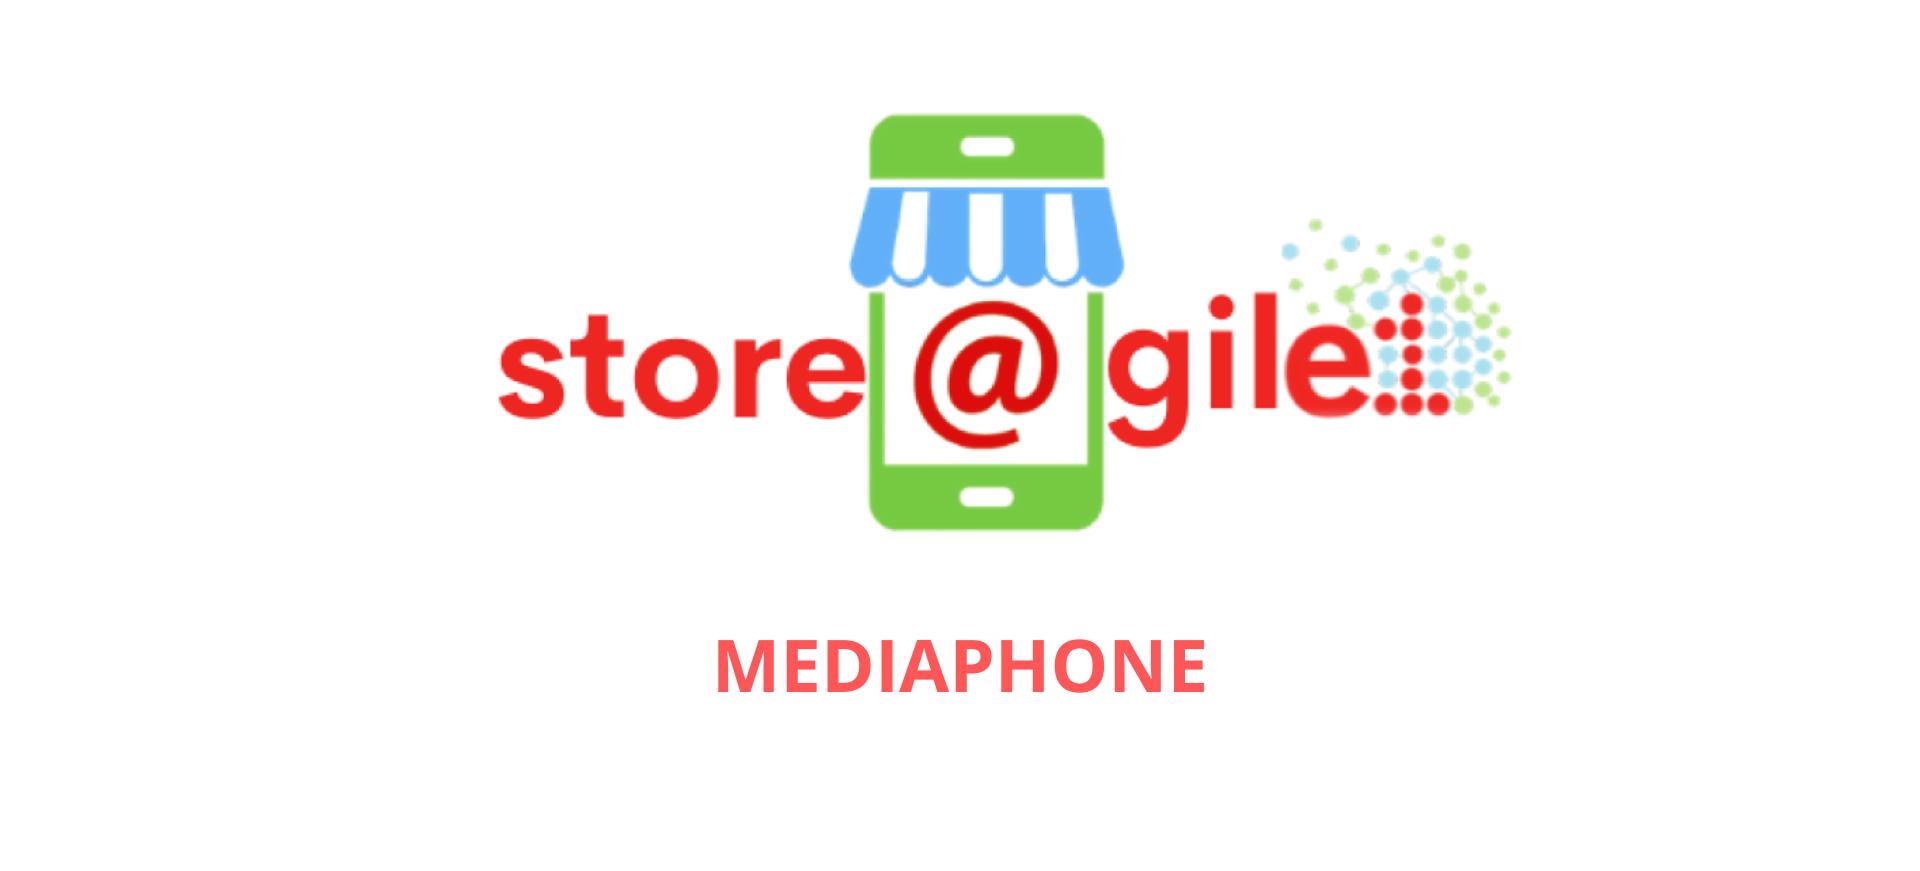 Mediaphone